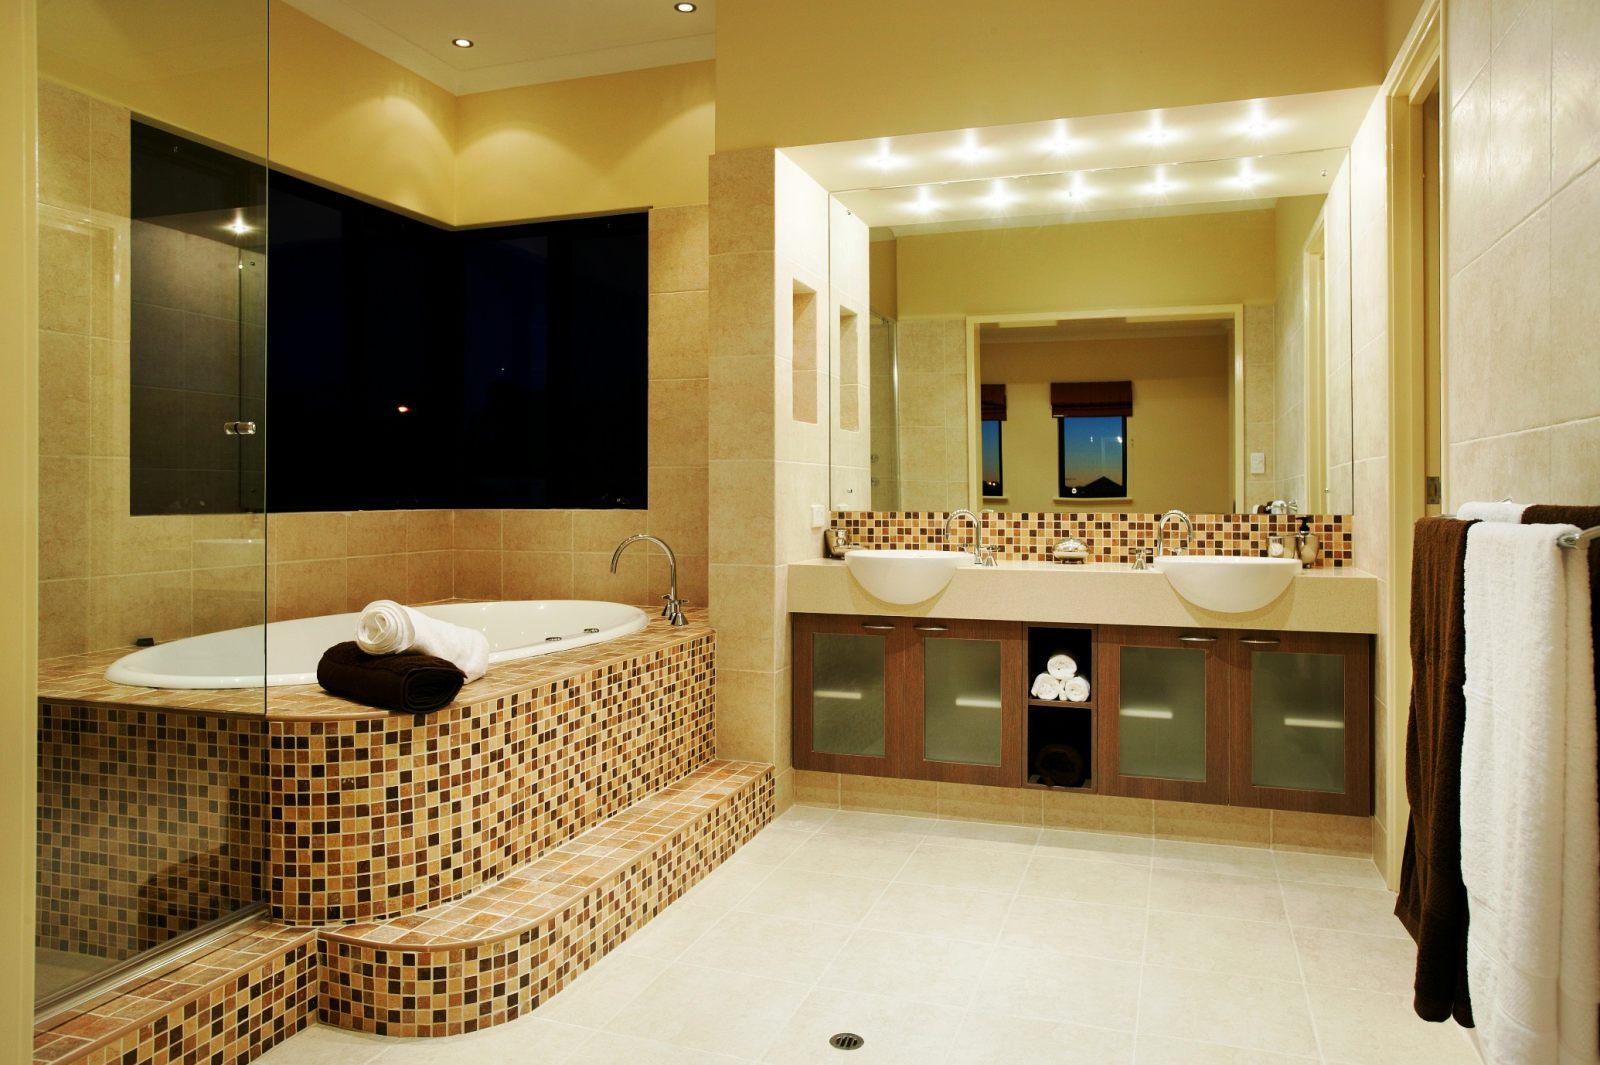 casa de banho moderno 11